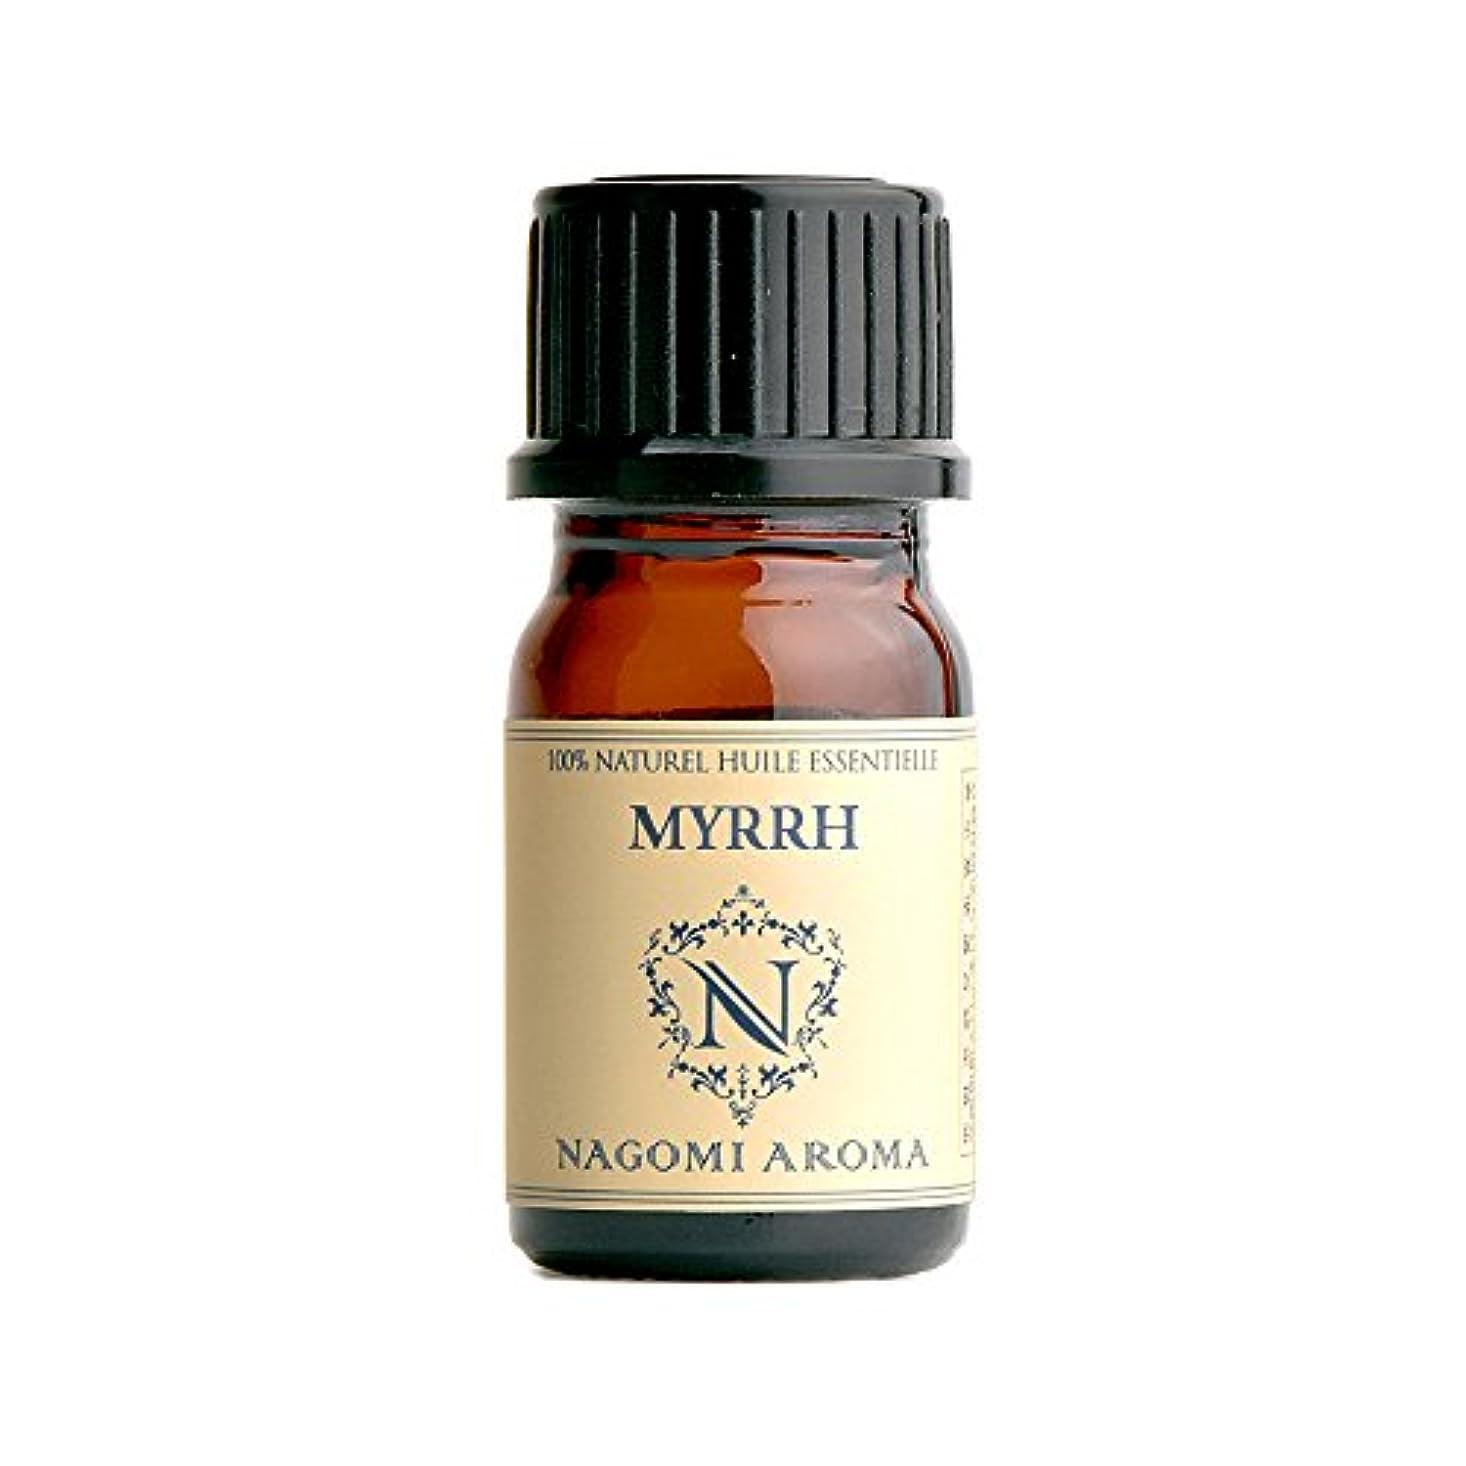 ホール鎮痛剤件名NAGOMI AROMA ミルラ 5ml 【AEAJ認定精油】【アロマオイル】